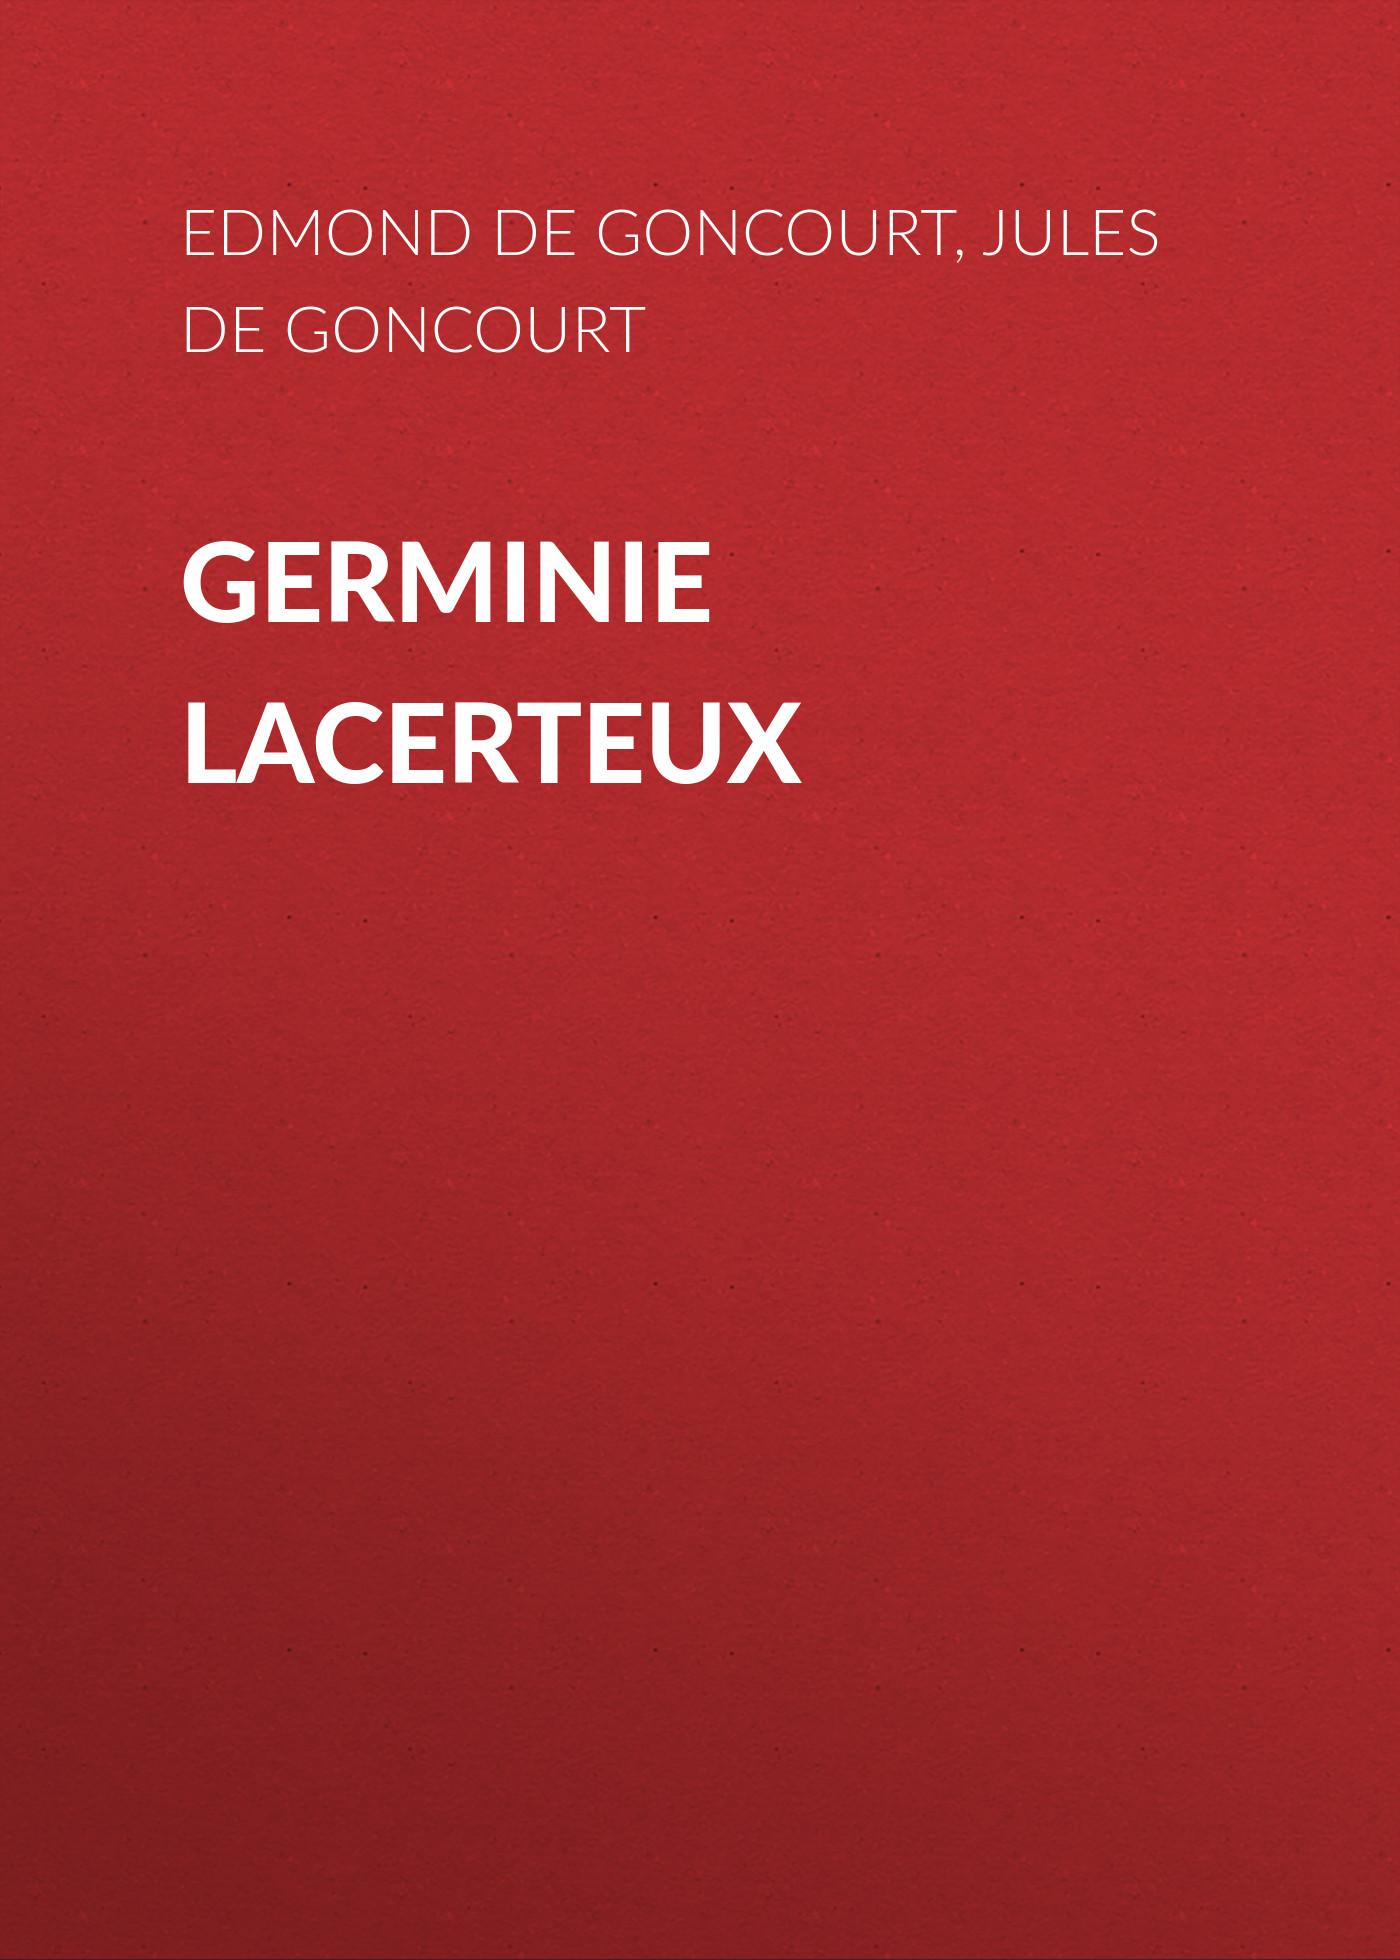 Edmond de Goncourt Germinie Lacerteux edmond de goncourt fragonard